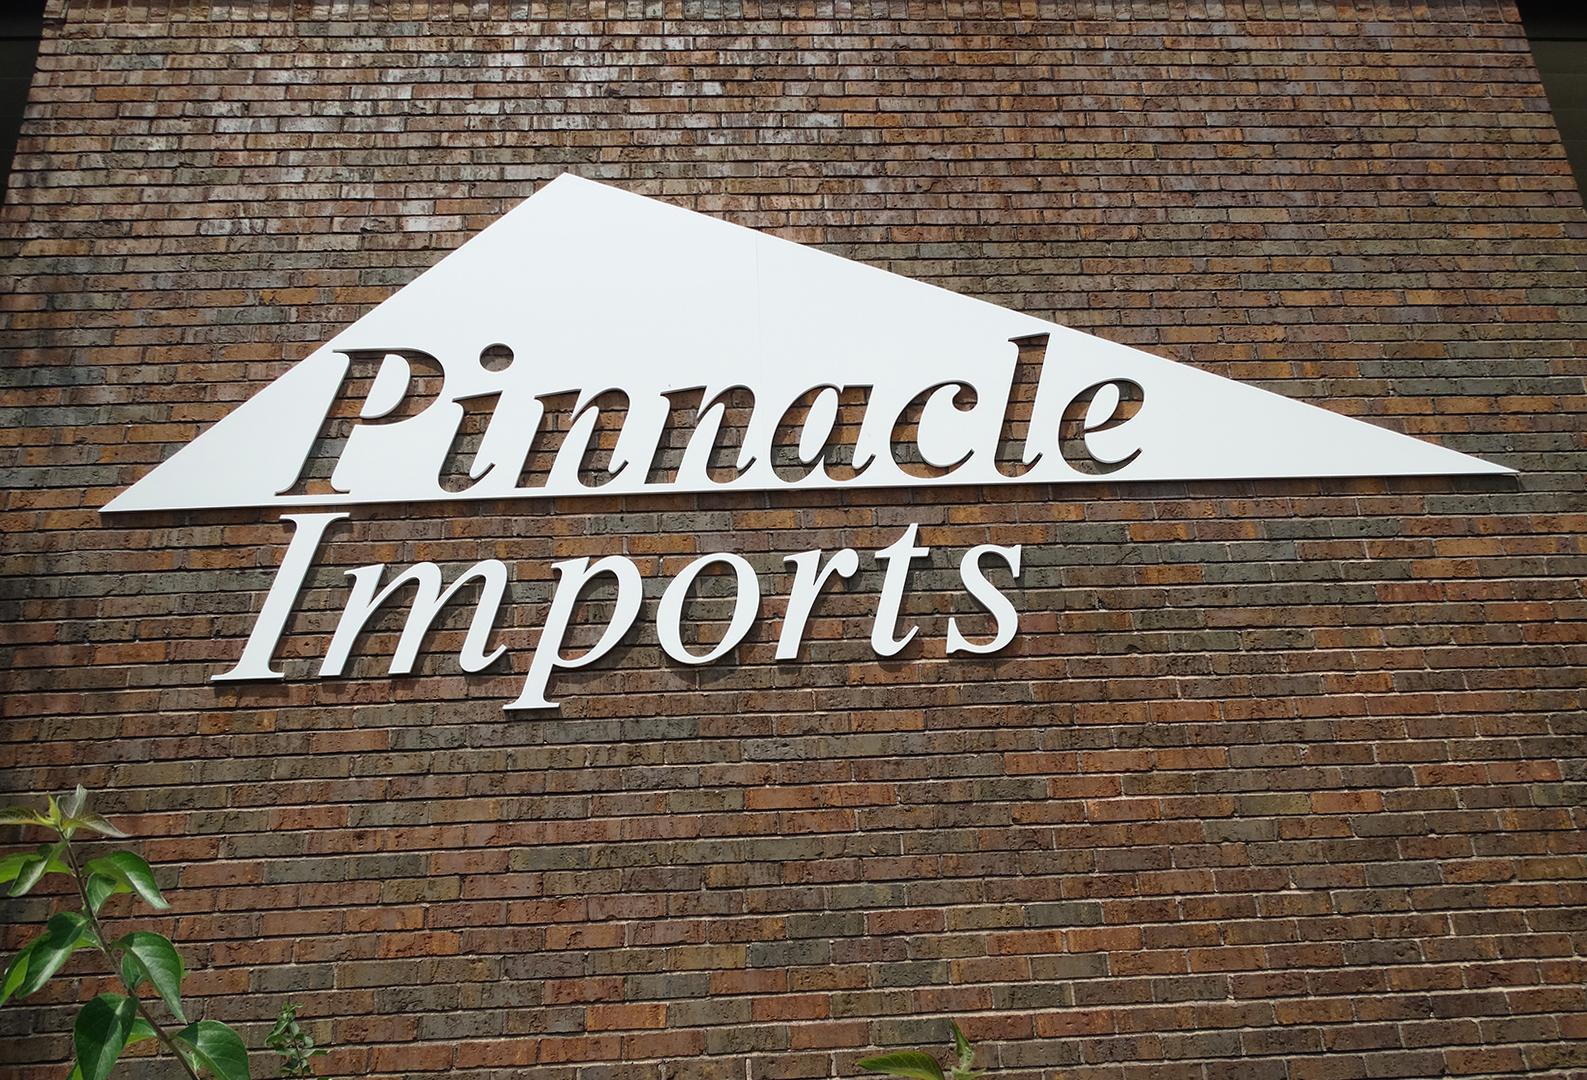 Pinnacle Imports exterior